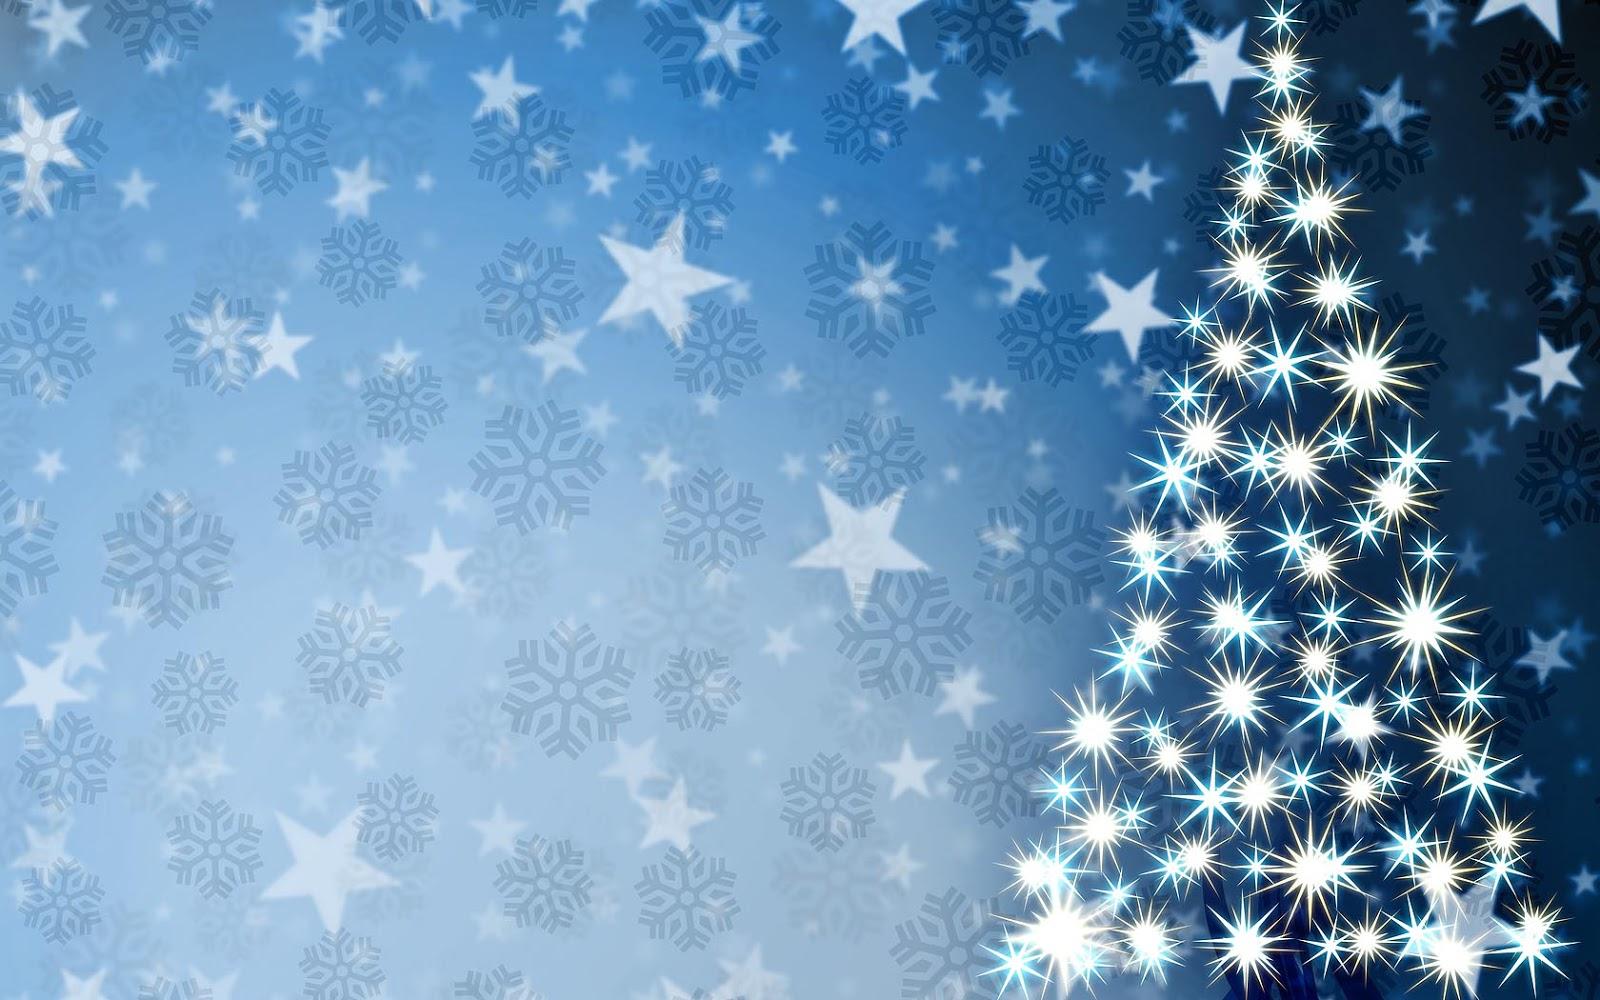 sterren blauw kerstmis 2018